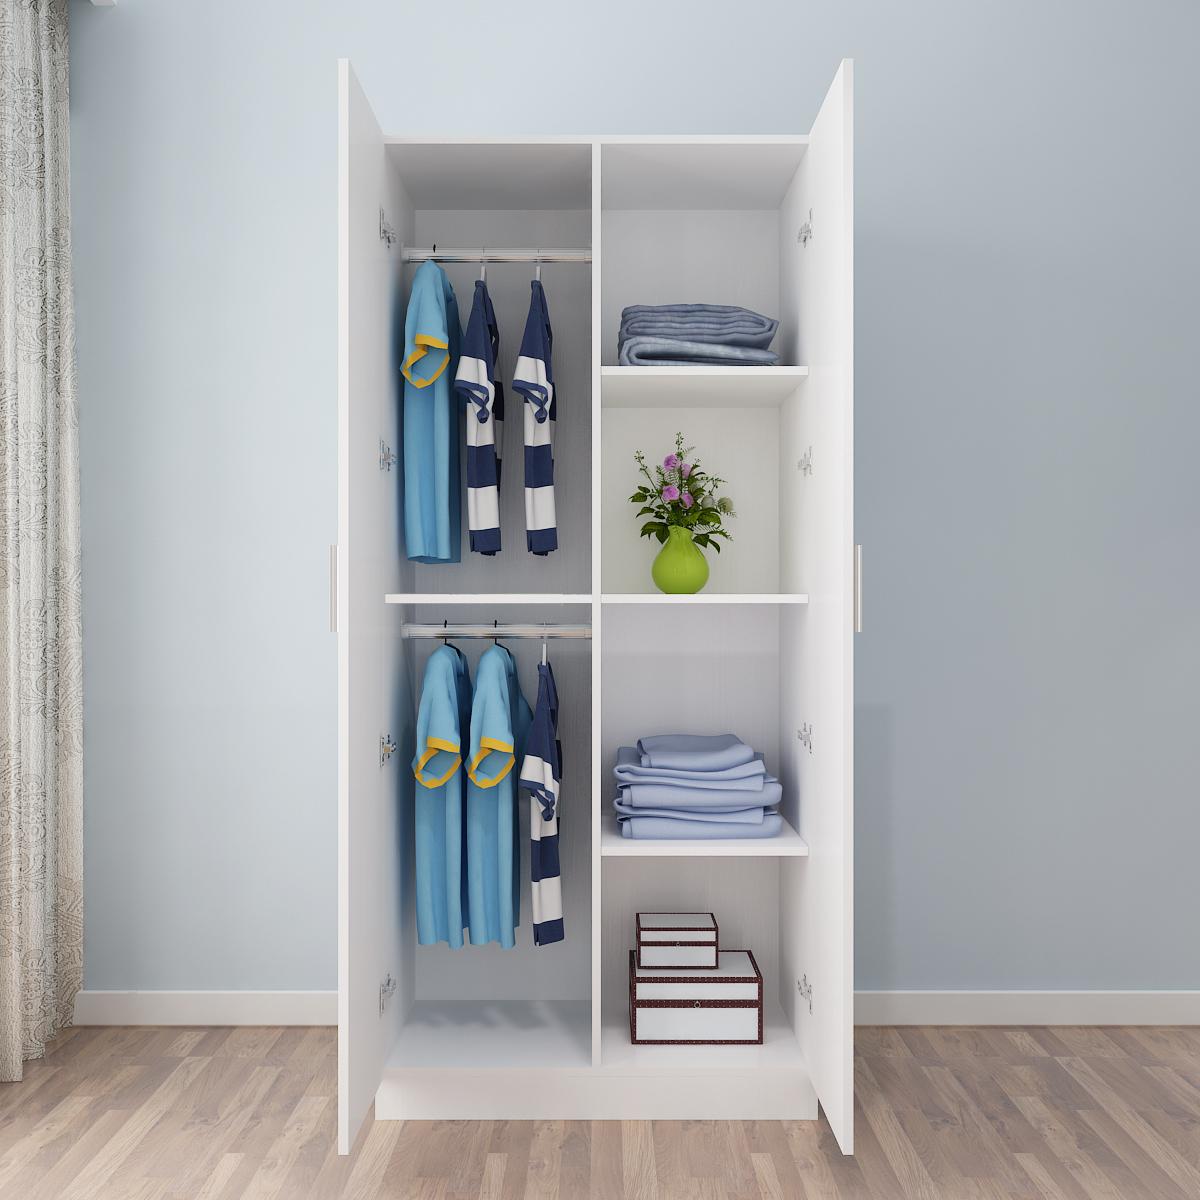 2 placard à portes en bois - bois casiers de grande capacité peut être personnalisé de l'armoire armoire armoire simple de balcon